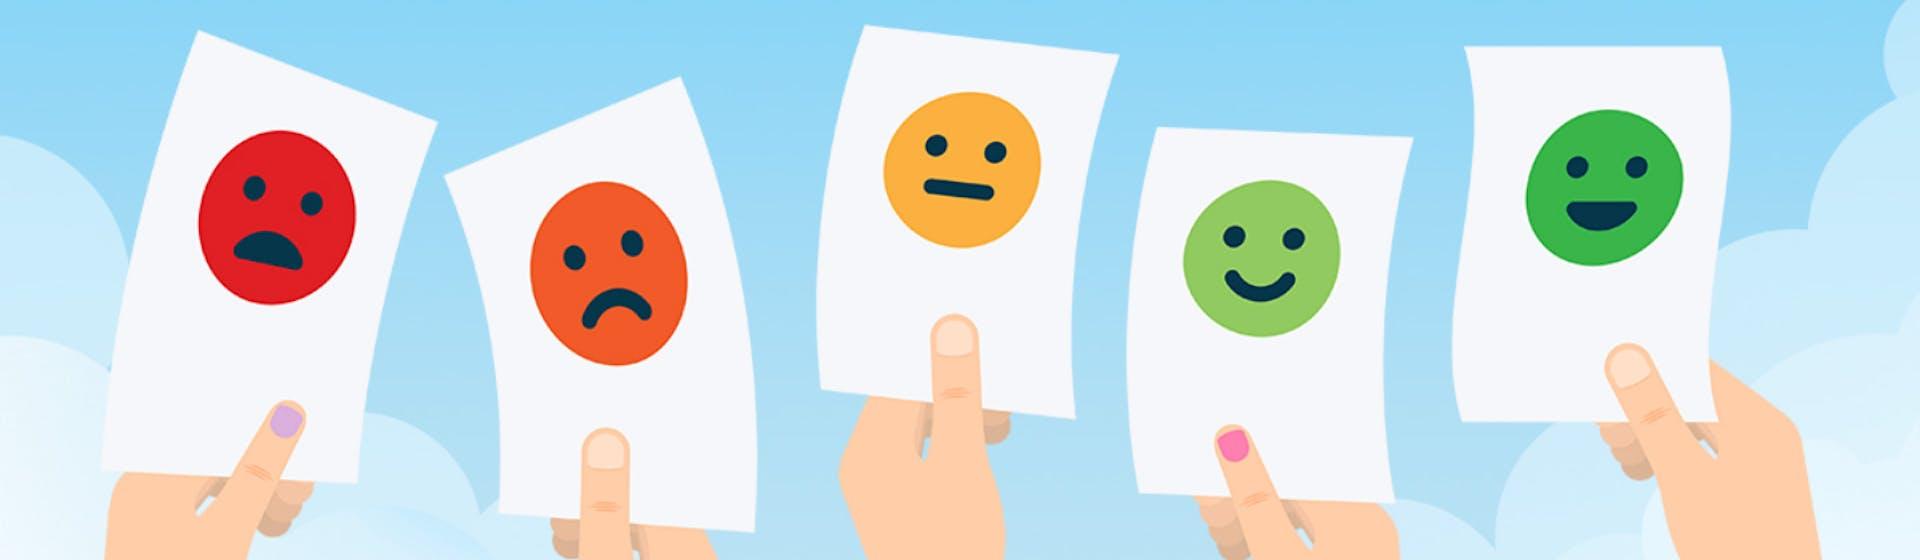 Ejemplos de preguntas para una encuesta de productos: ¡lánzate al mercado con paracaídas!